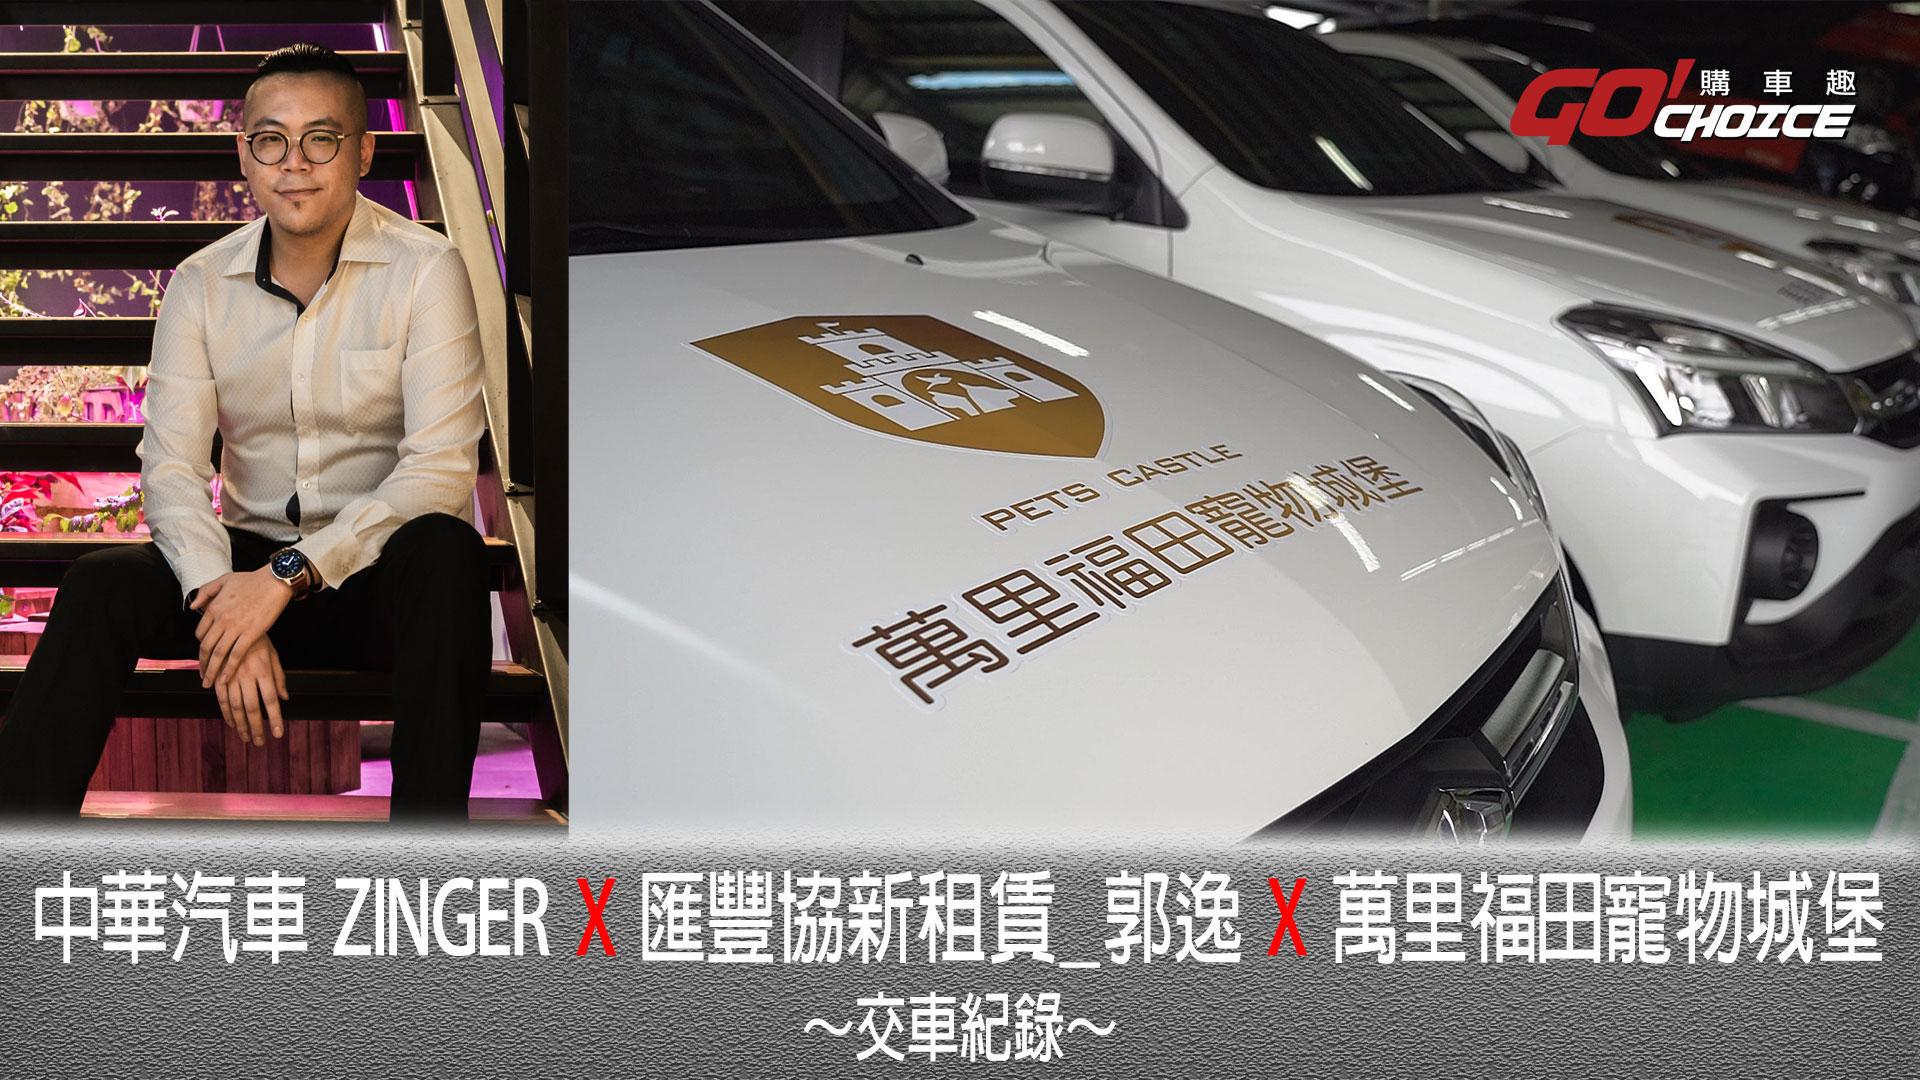 交車紀錄影片-中華汽車ZINGER X 匯豐協新租賃 郭逸 X 萬里福田寵物城堡